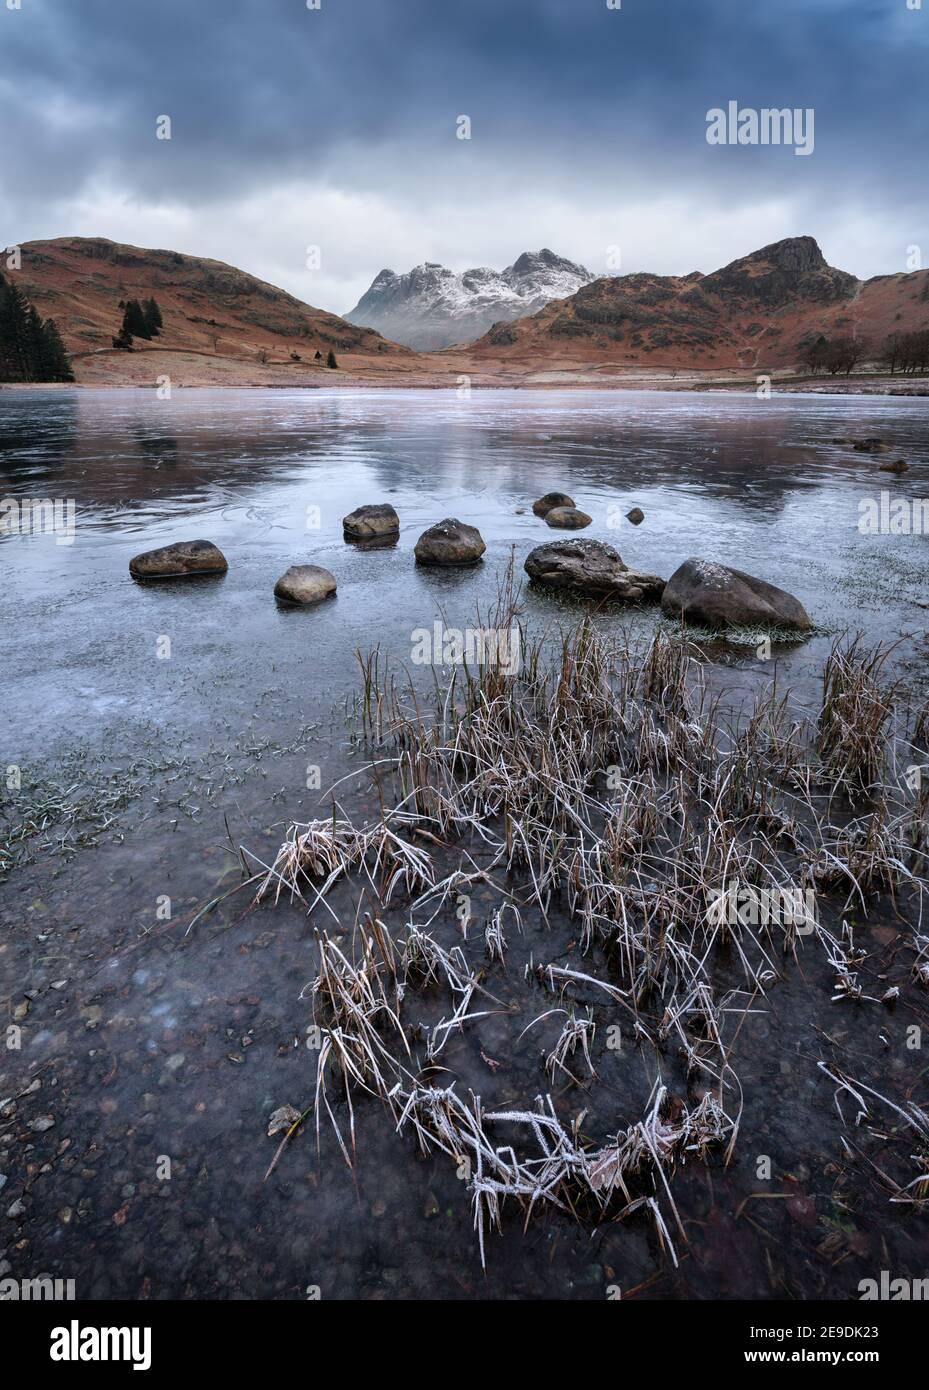 Lago congelado con hermosas vistas de las montañas nevadas en una mañana de invierno. Blea Tarn, Distrito de los Lagos, Reino Unido. Foto de stock